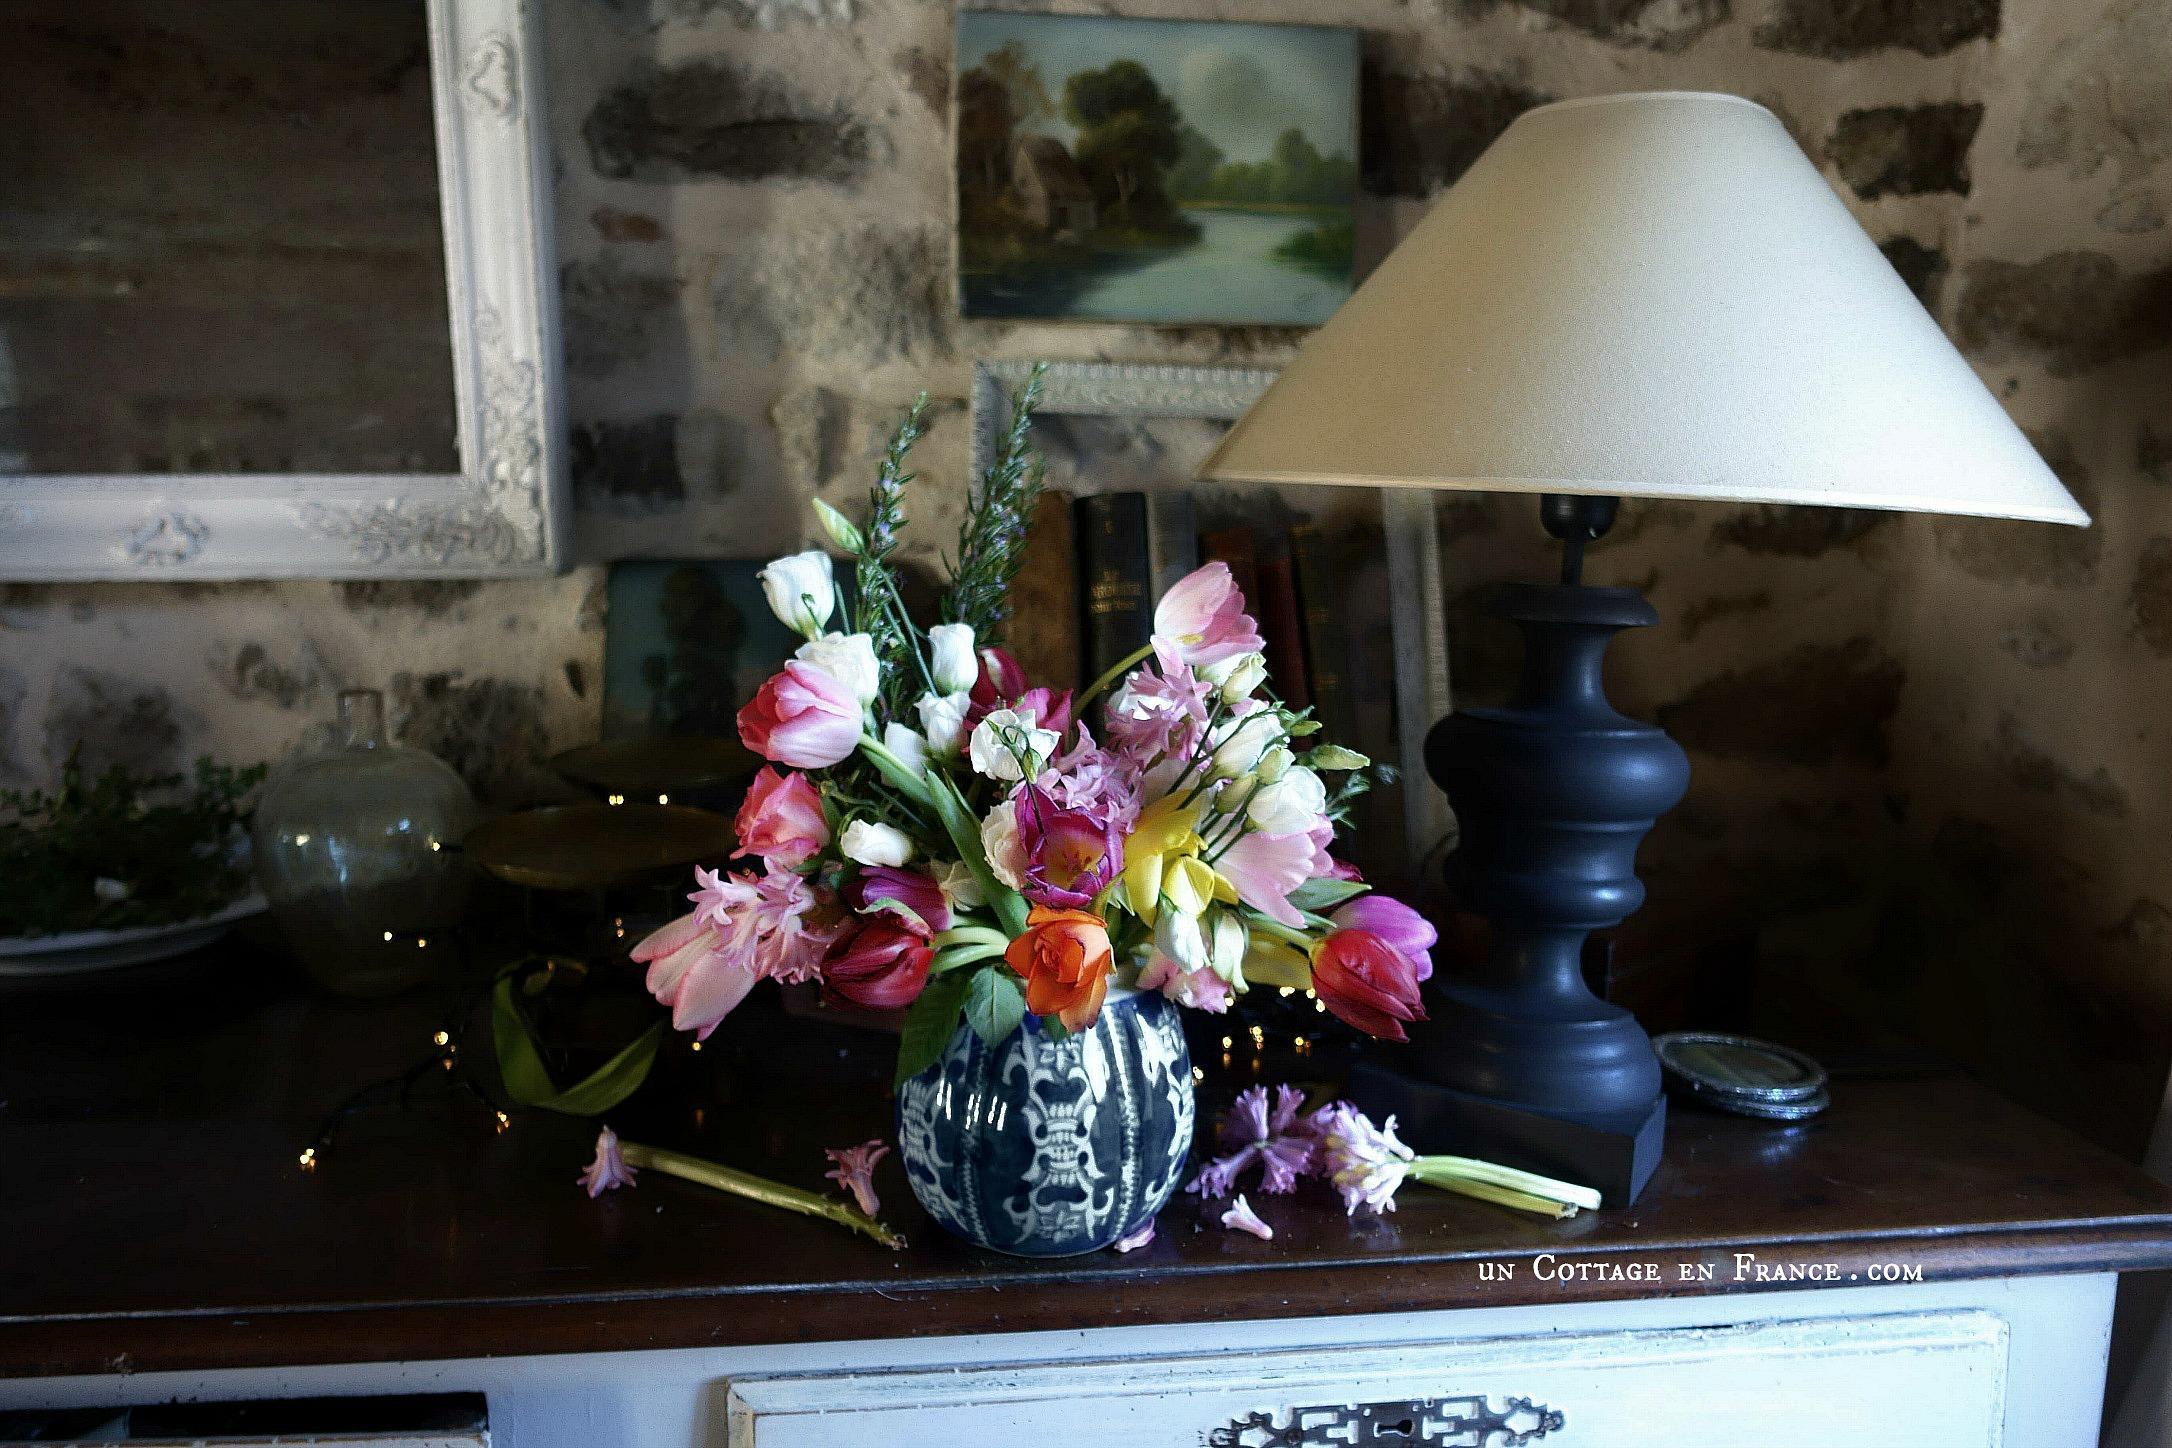 Entre ombre et lumière : un bouquet de janvier | Between light and shade: a January floral arrangement